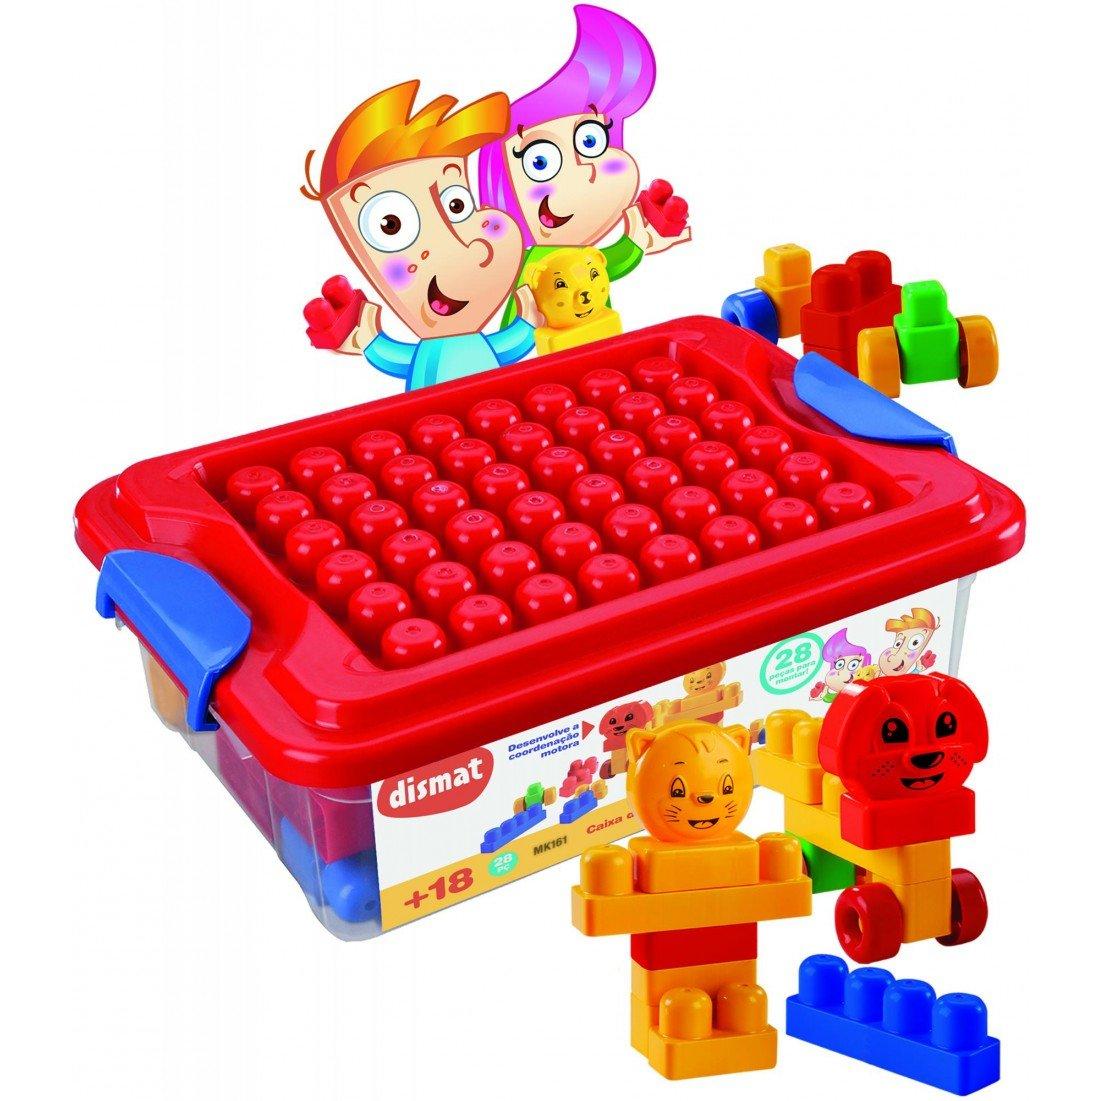 03295ee5a4 Brinquedo Didático Blocos Montar Caixa da Alegria Dismat Zuazen